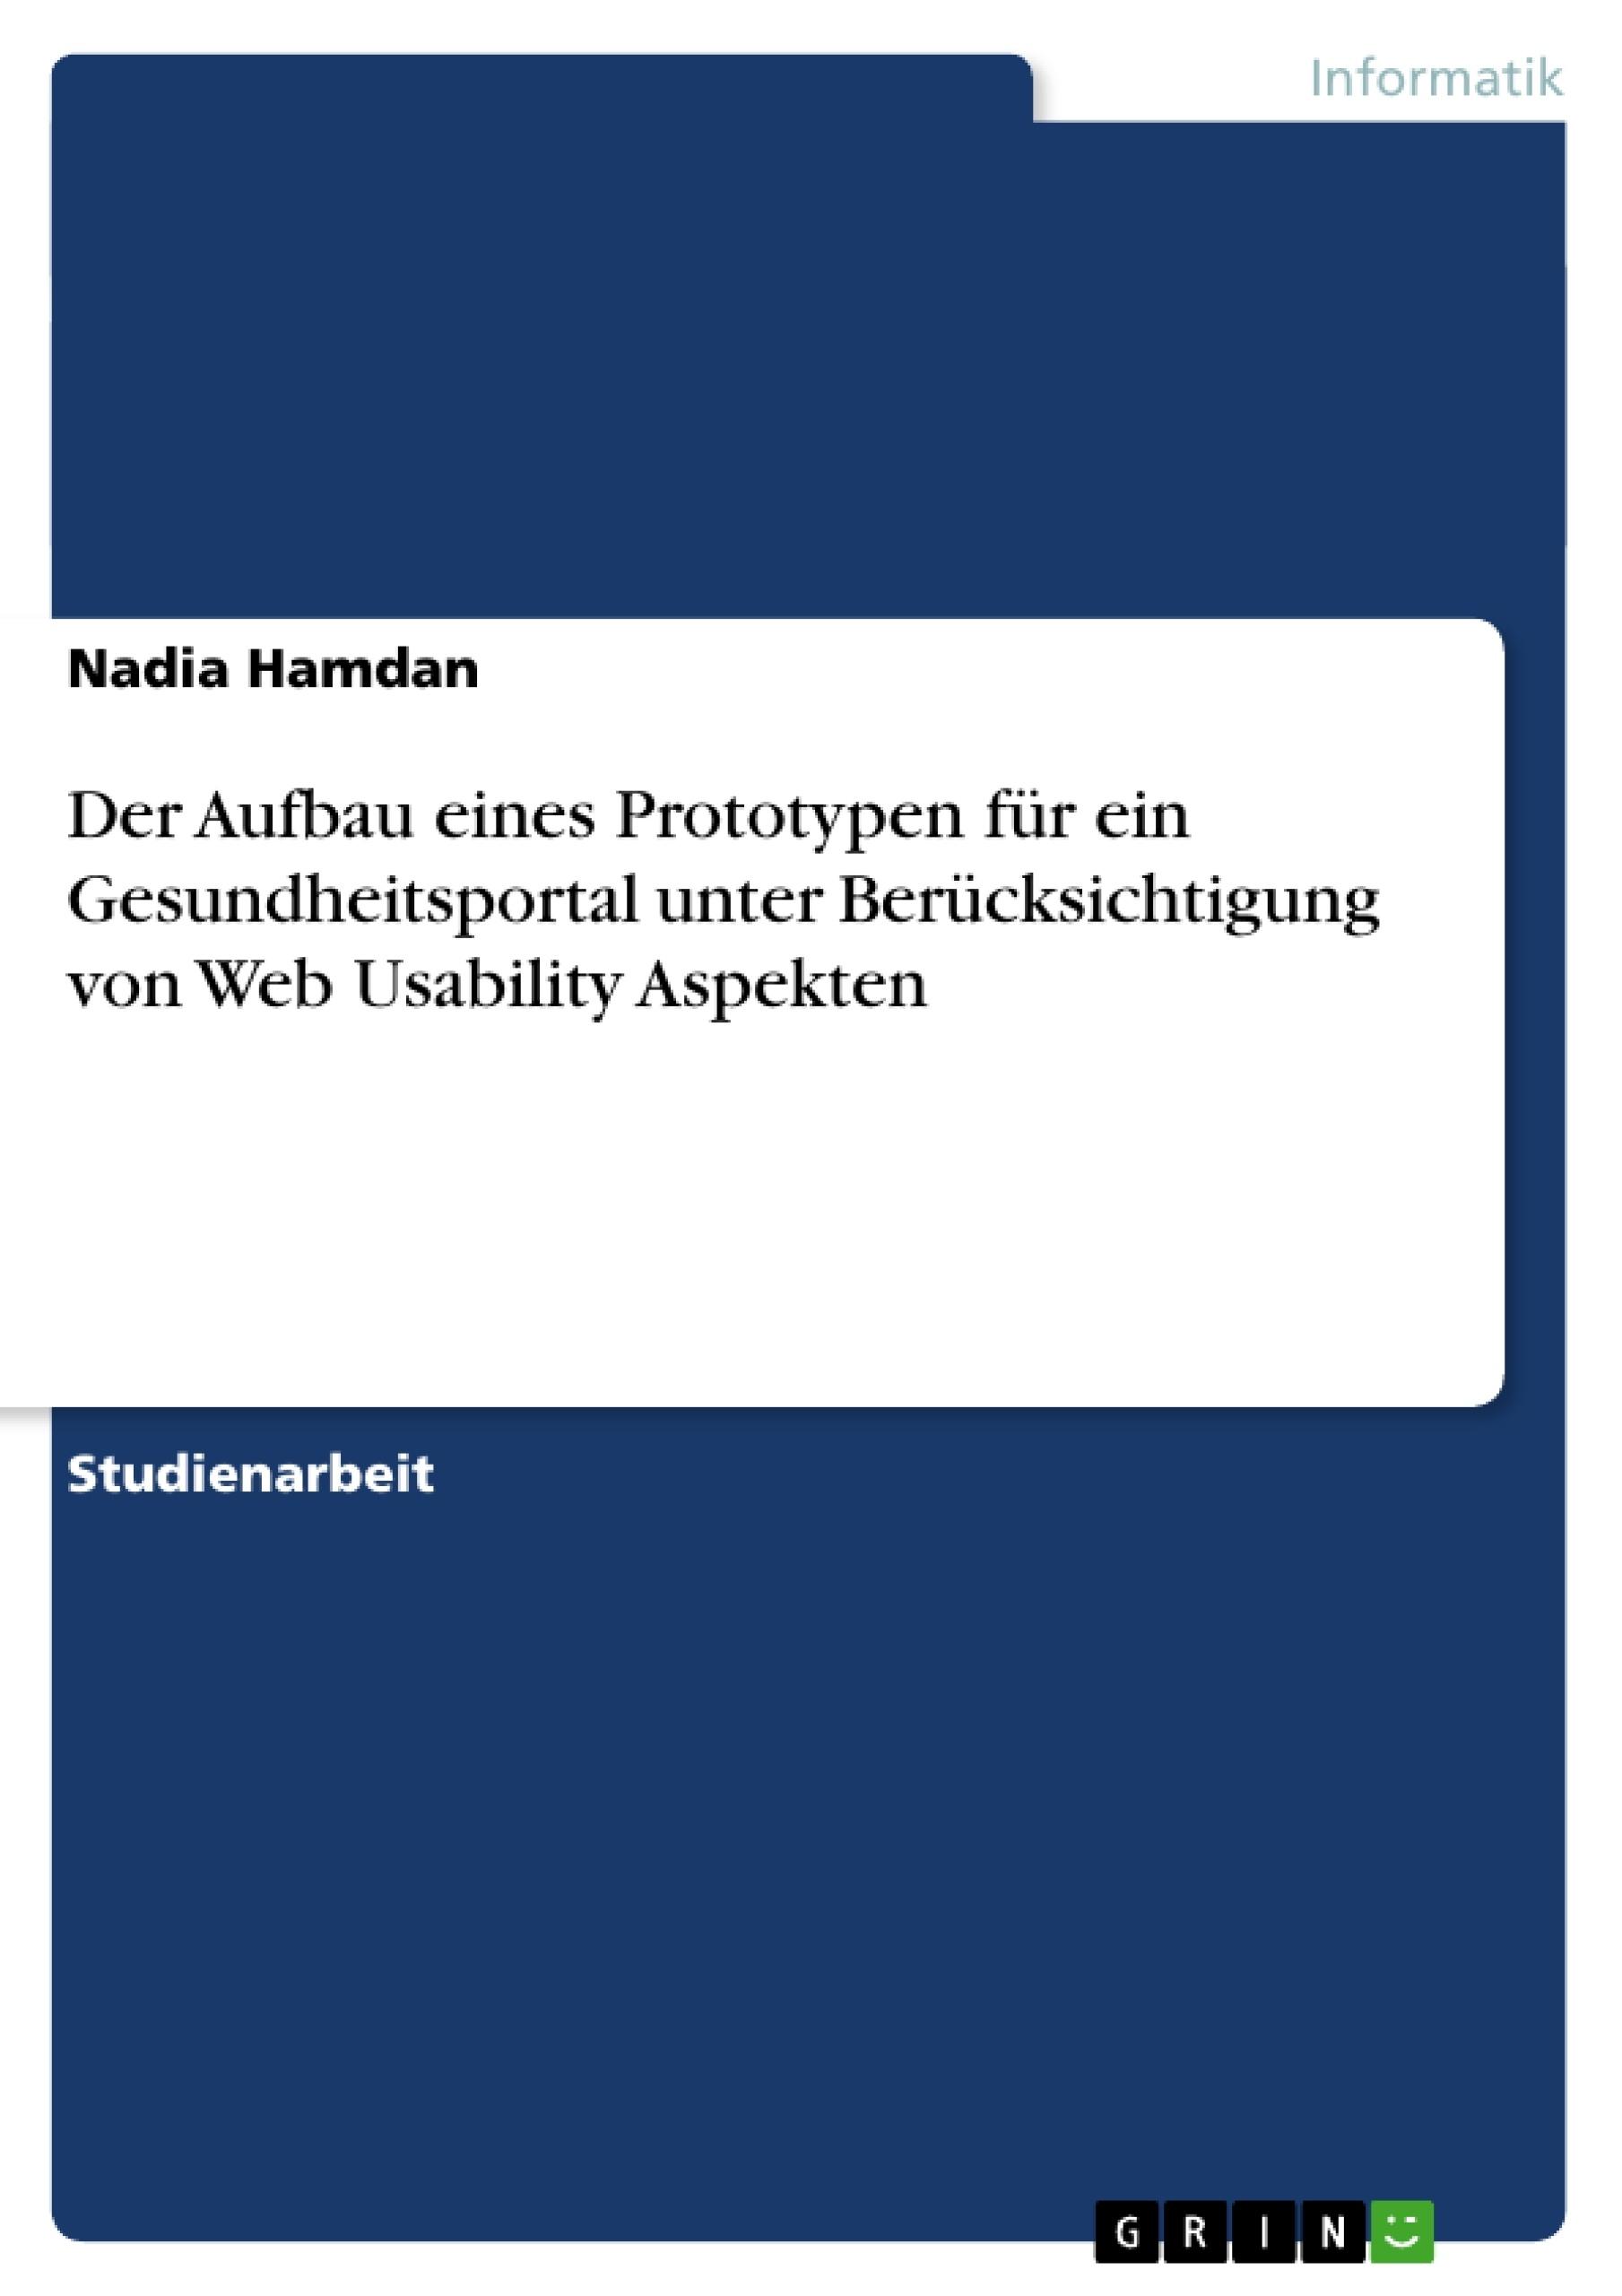 Titel: Der Aufbau eines Prototypen für ein Gesundheitsportal unter Berücksichtigung von Web Usability Aspekten